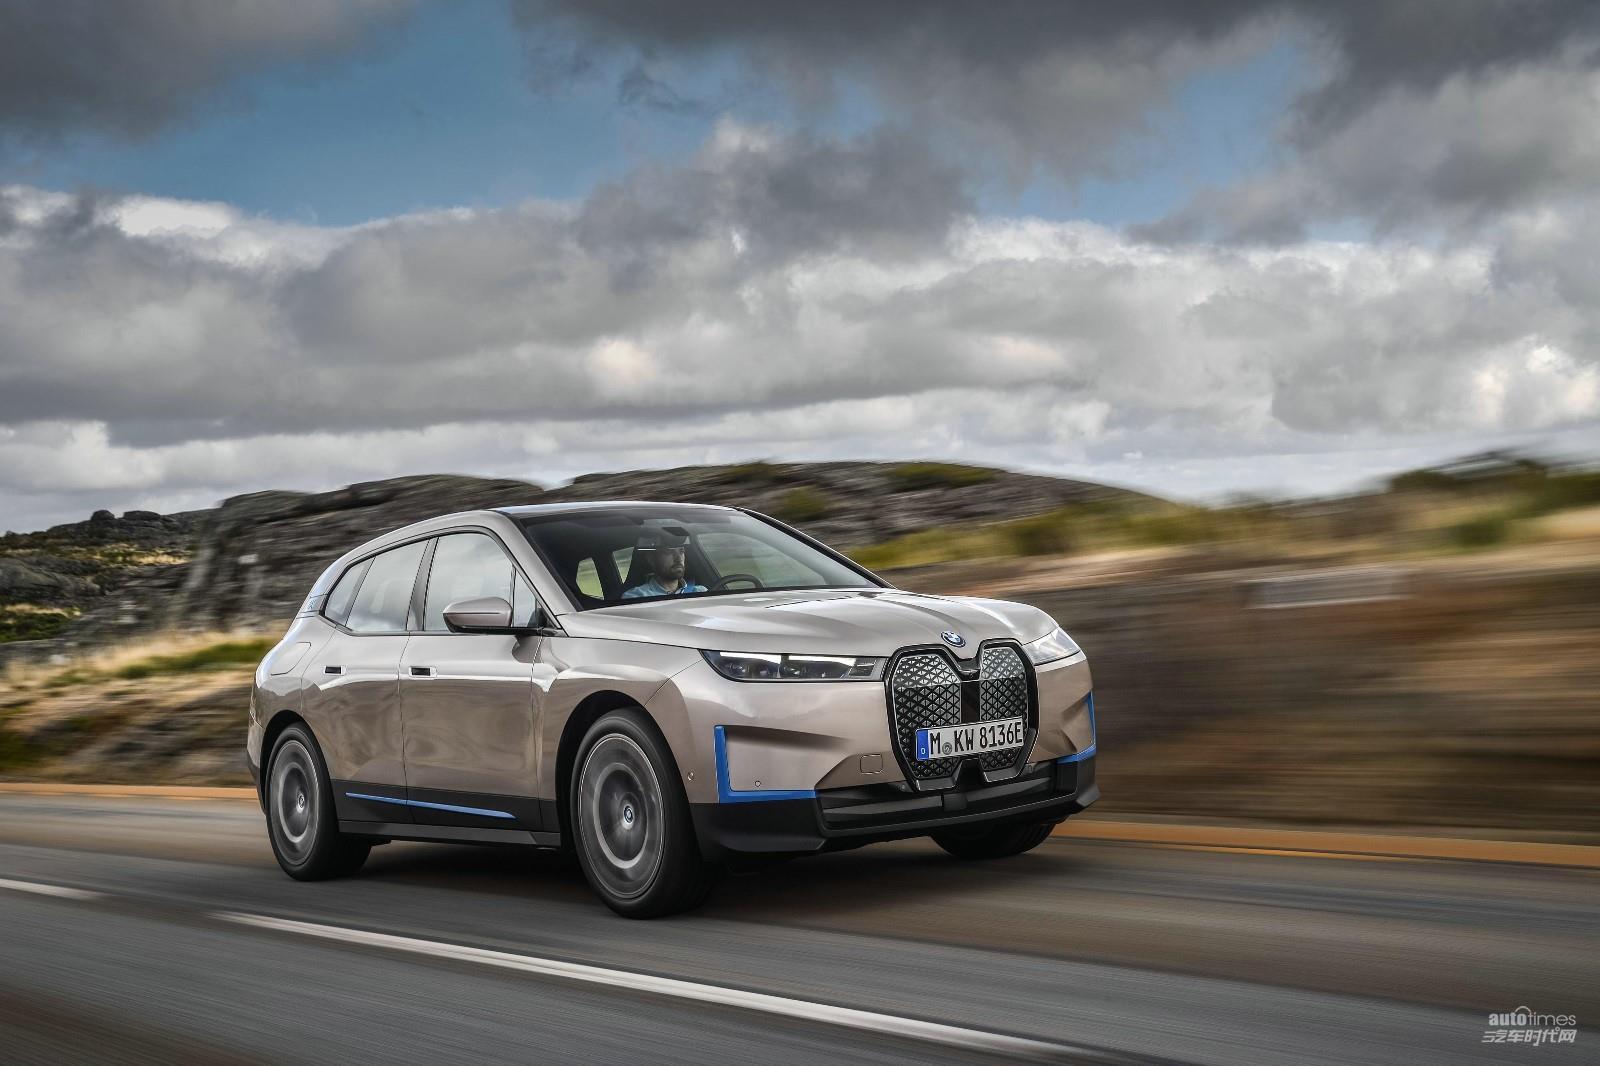 創新純電動BMW iX迎來全球首秀未來智能豪華移動空間【汽車時代網】